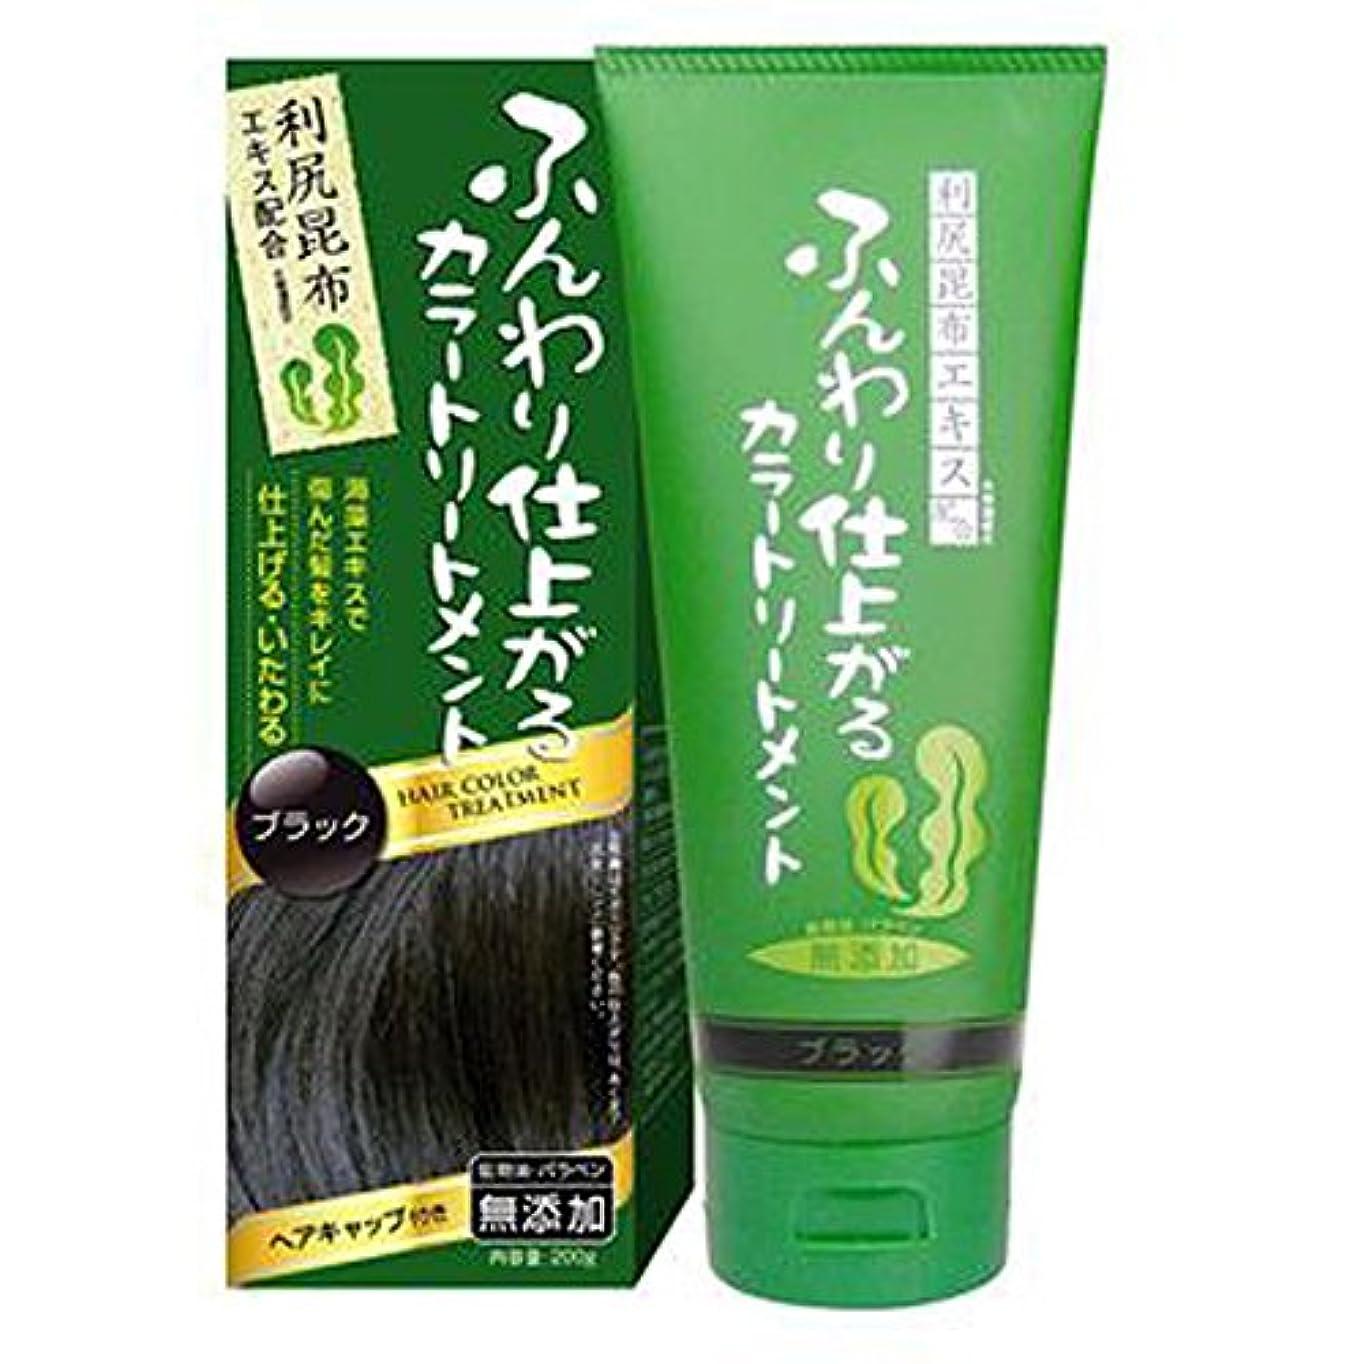 論争オレンジデッドロックふんわり仕上がるカラートリートメント 白髪 染め 保湿 利尻昆布エキス配合 ヘアカラー (200g ブラック) rishiri-haircolor-200g-blk